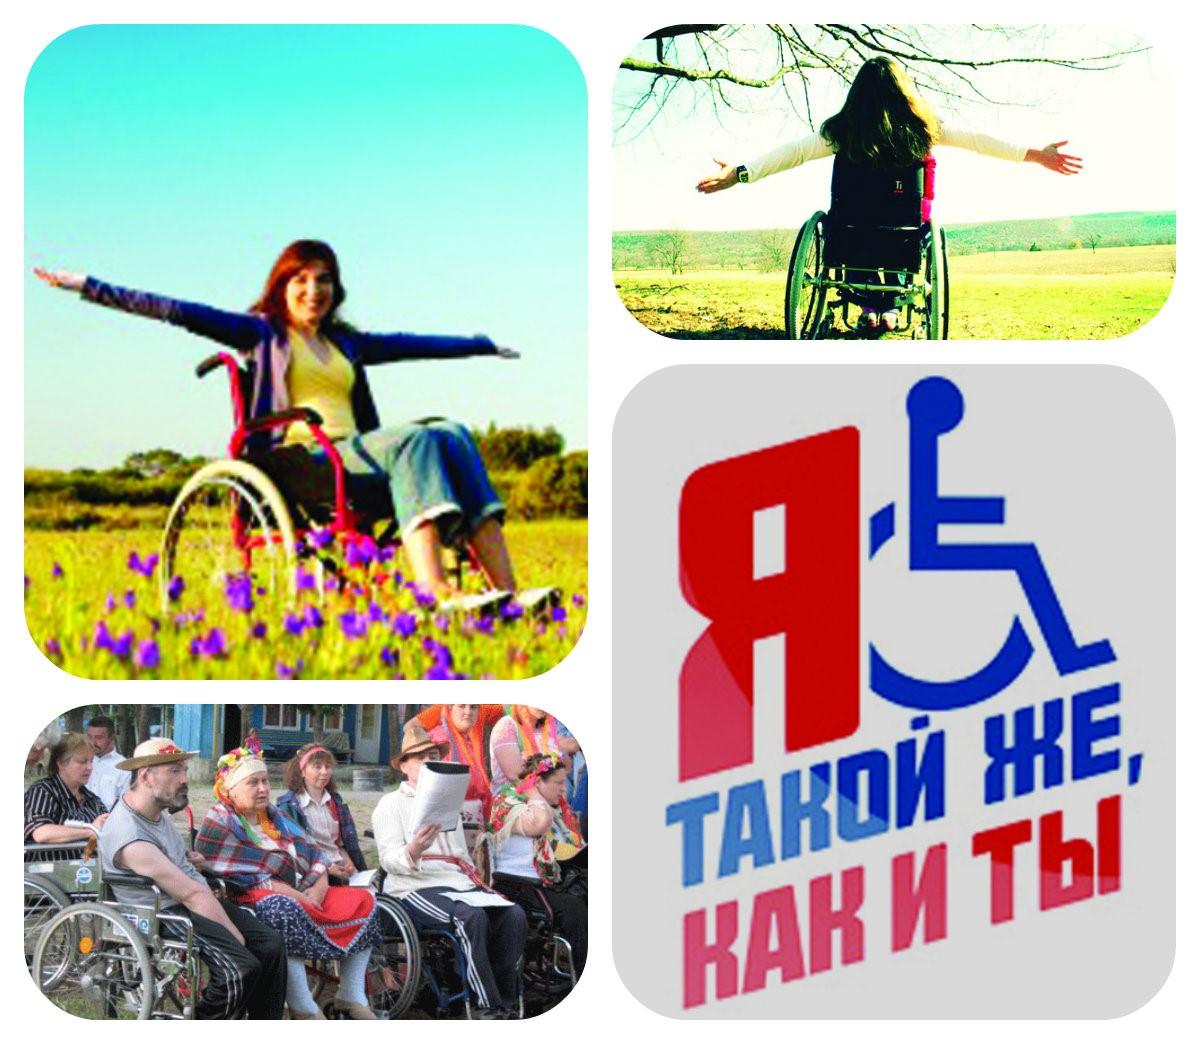 Марта всех, картинки к дню инвалидов